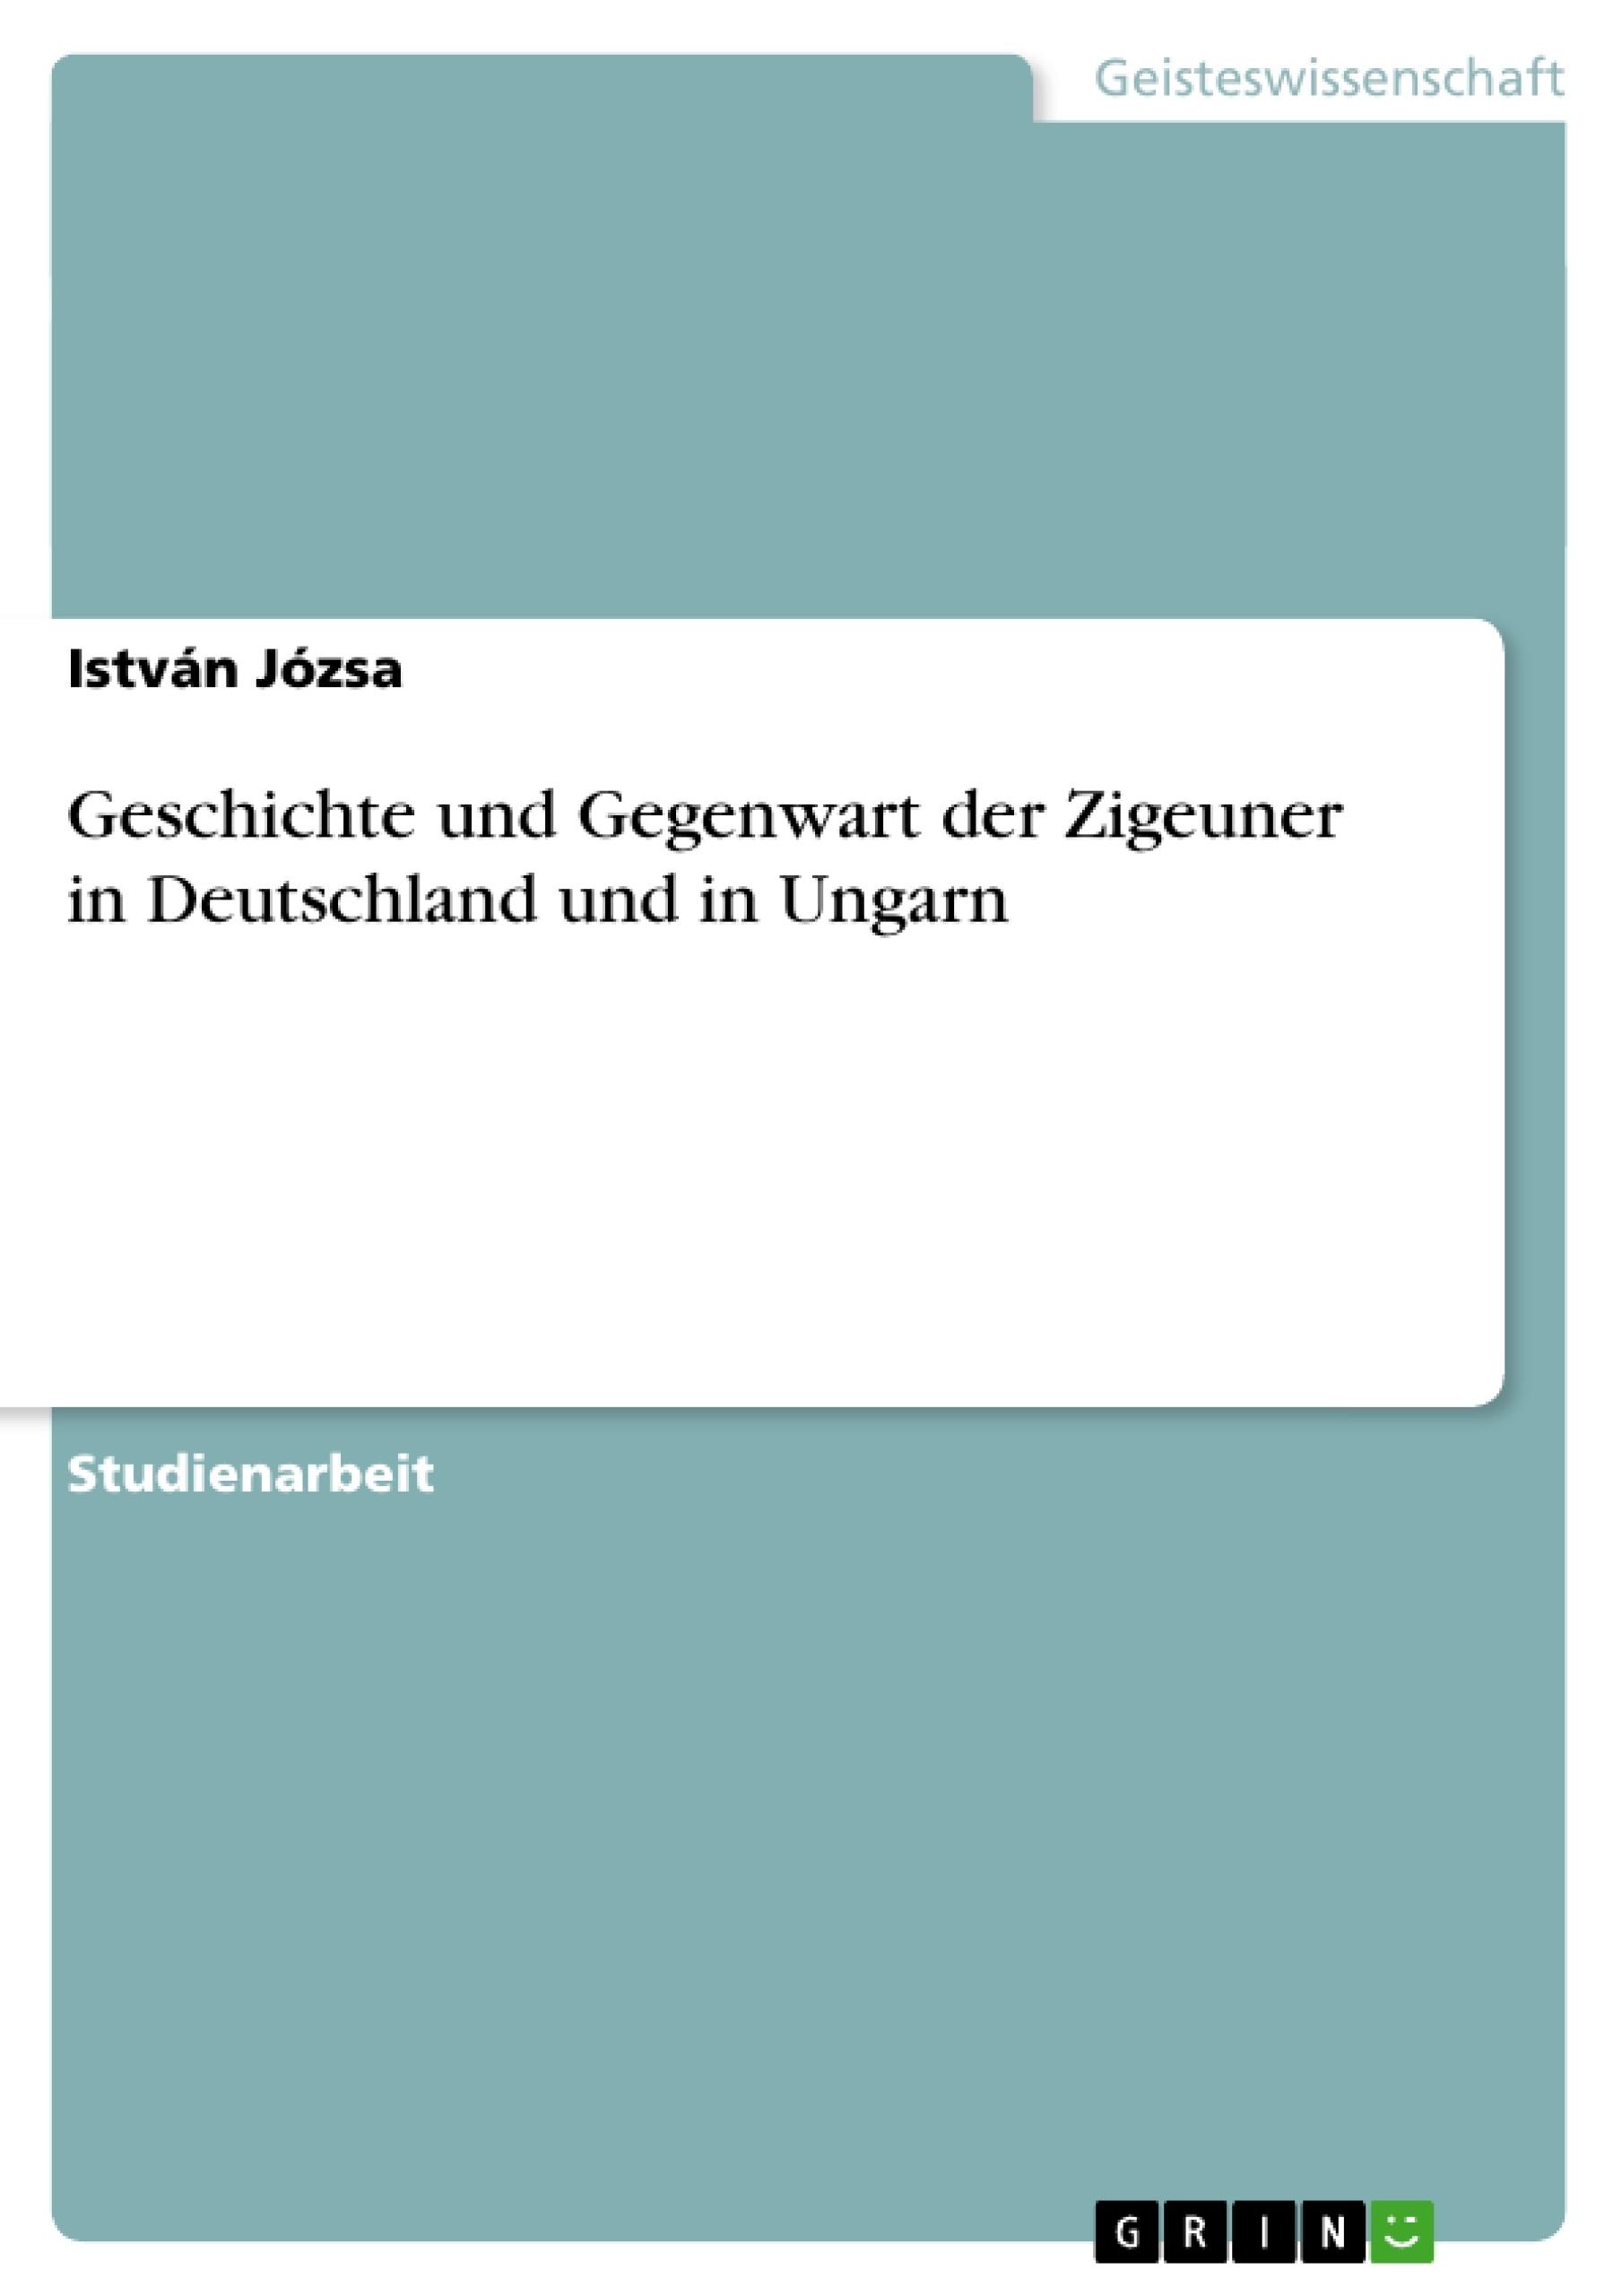 Titel: Geschichte und Gegenwart der Zigeuner in Deutschland und in Ungarn